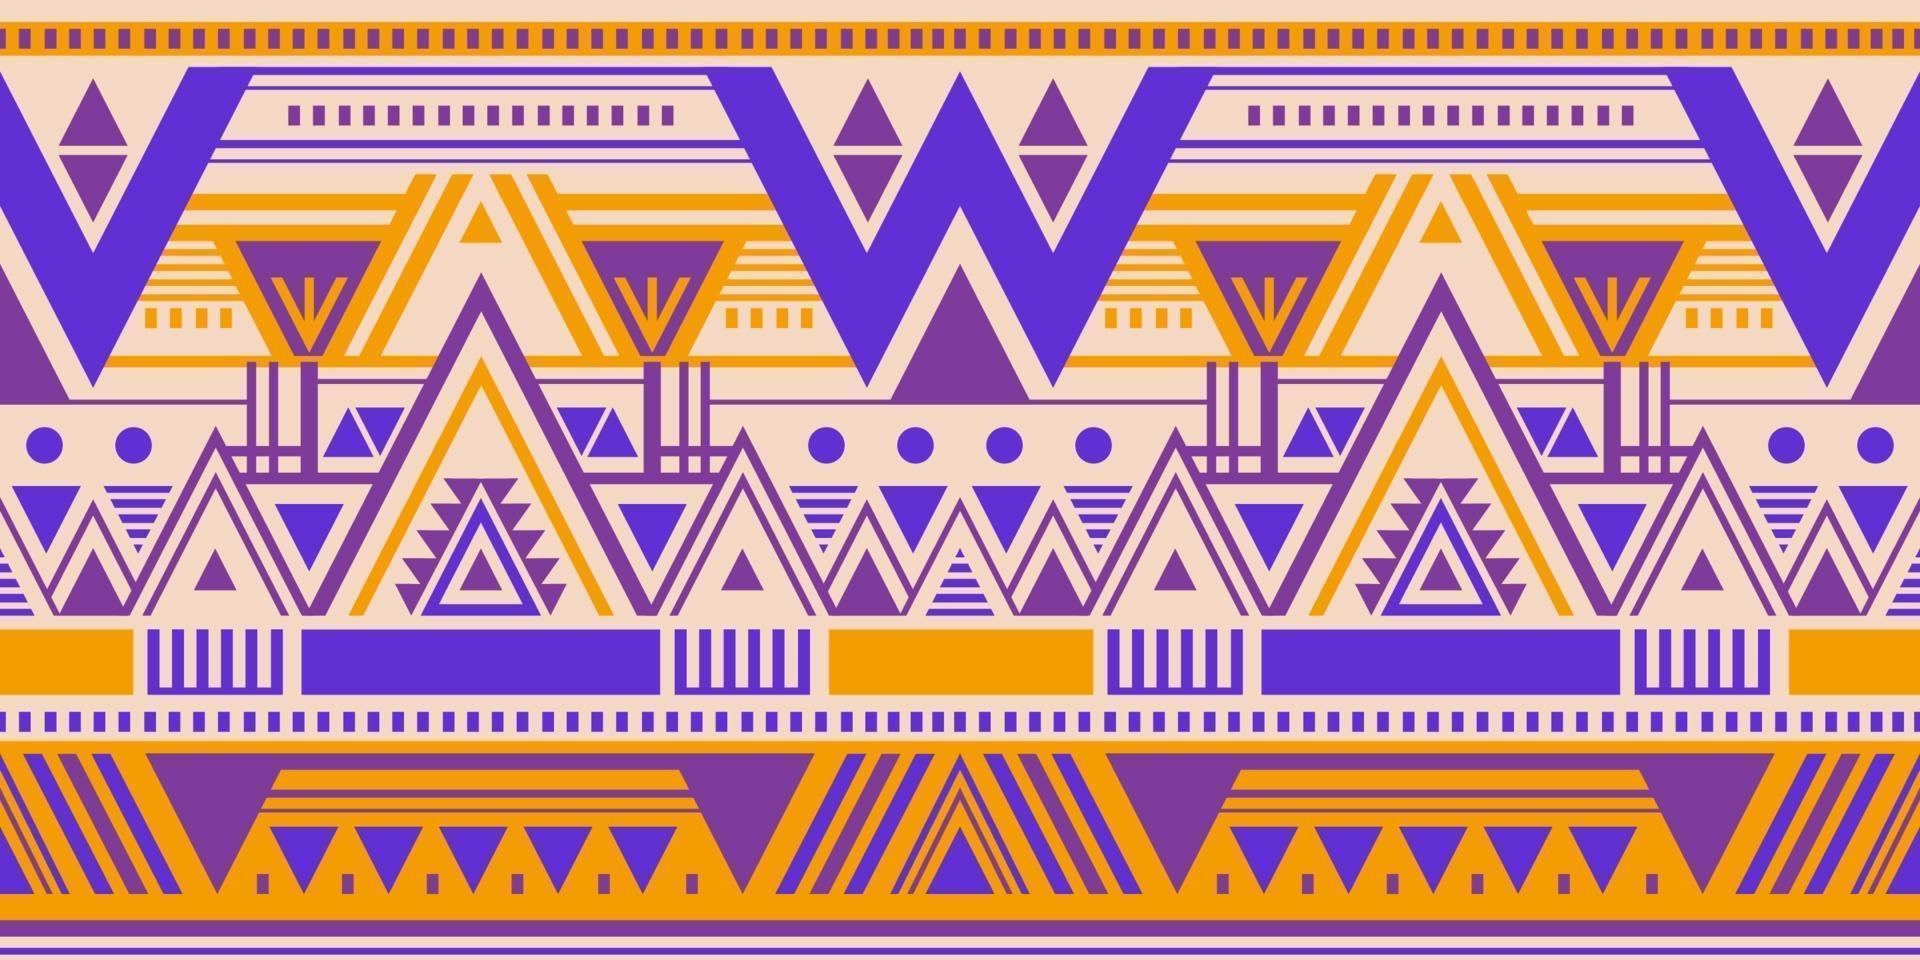 veelkleurig stammen vector naadloos patroon met krabbeldriehoeken. etnische achtergrond. Azteekse abstracte geometrische kunstdruk voor behang, doekontwerp, stof, omslag, textielsjabloon.